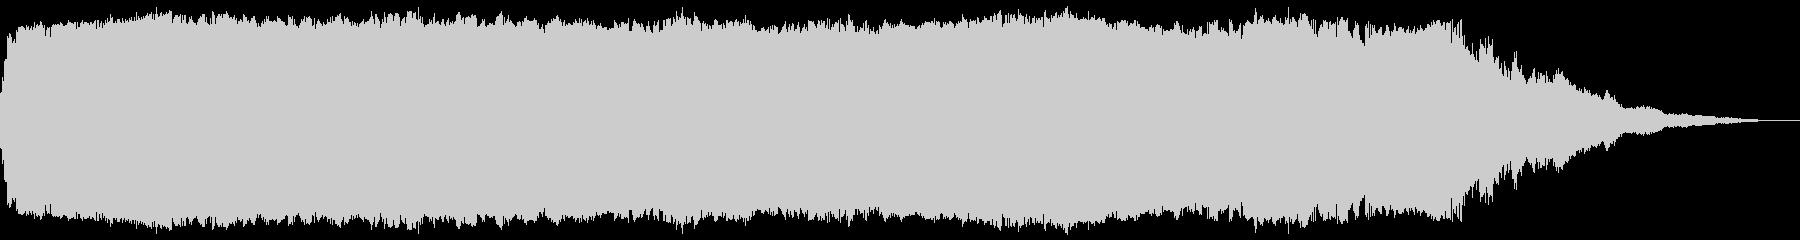 宇宙的な環境音の未再生の波形